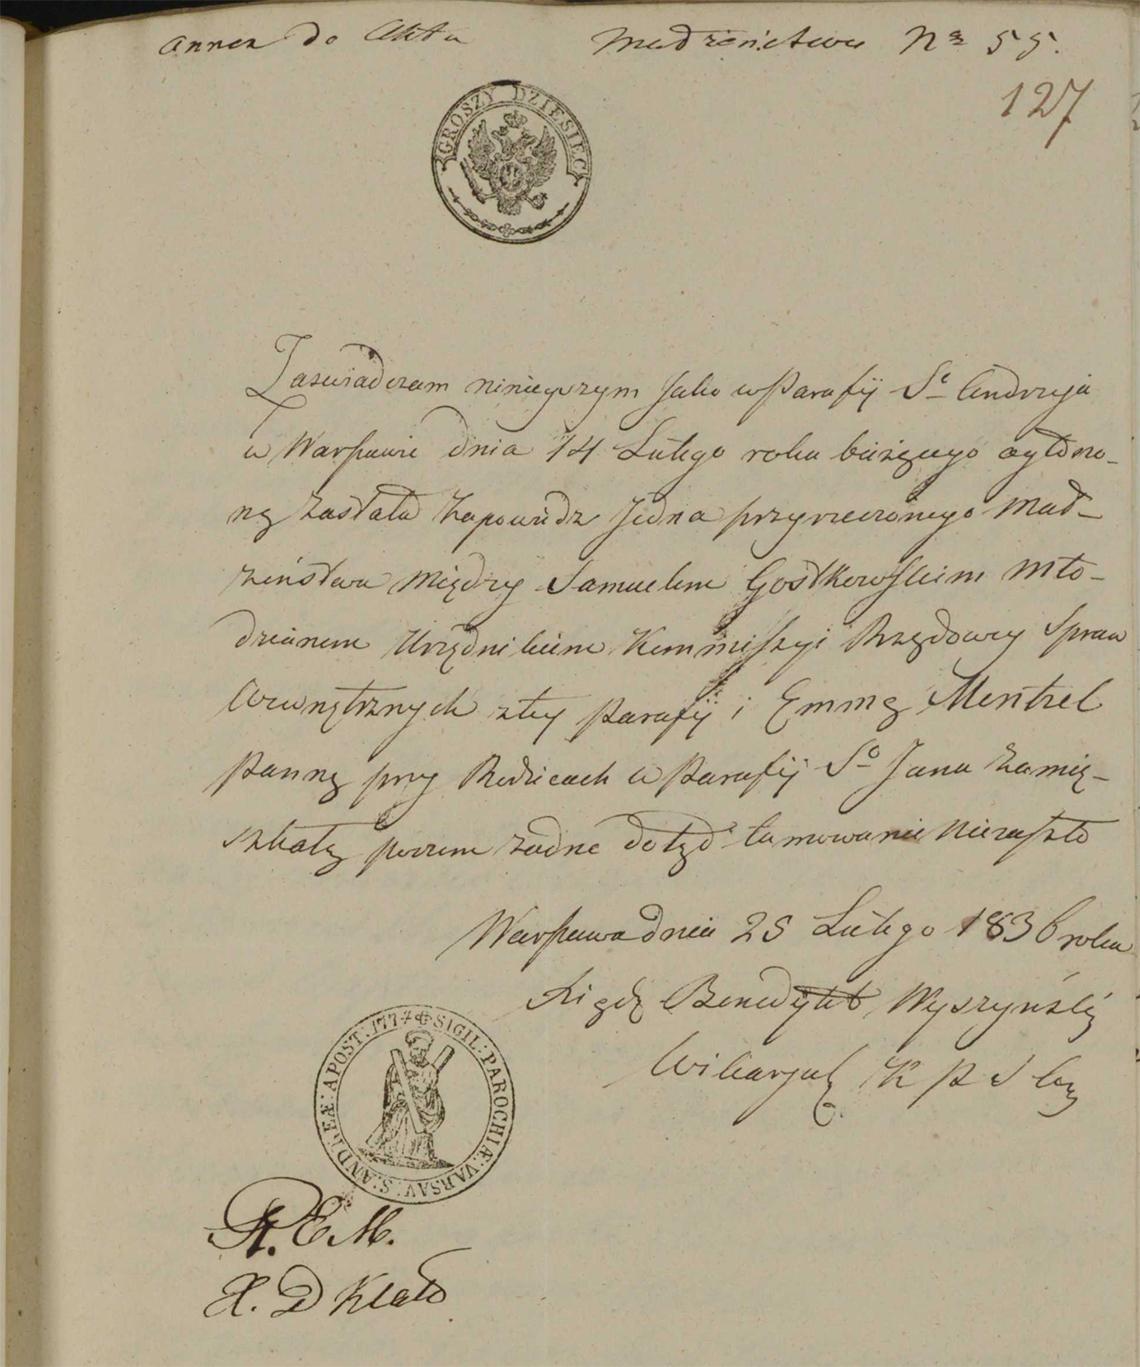 Aneksy do aktu małżeństwa Samuel Gostkowski & Emma Mentzel w dniu 04.04.1836 r. (aneks 2)